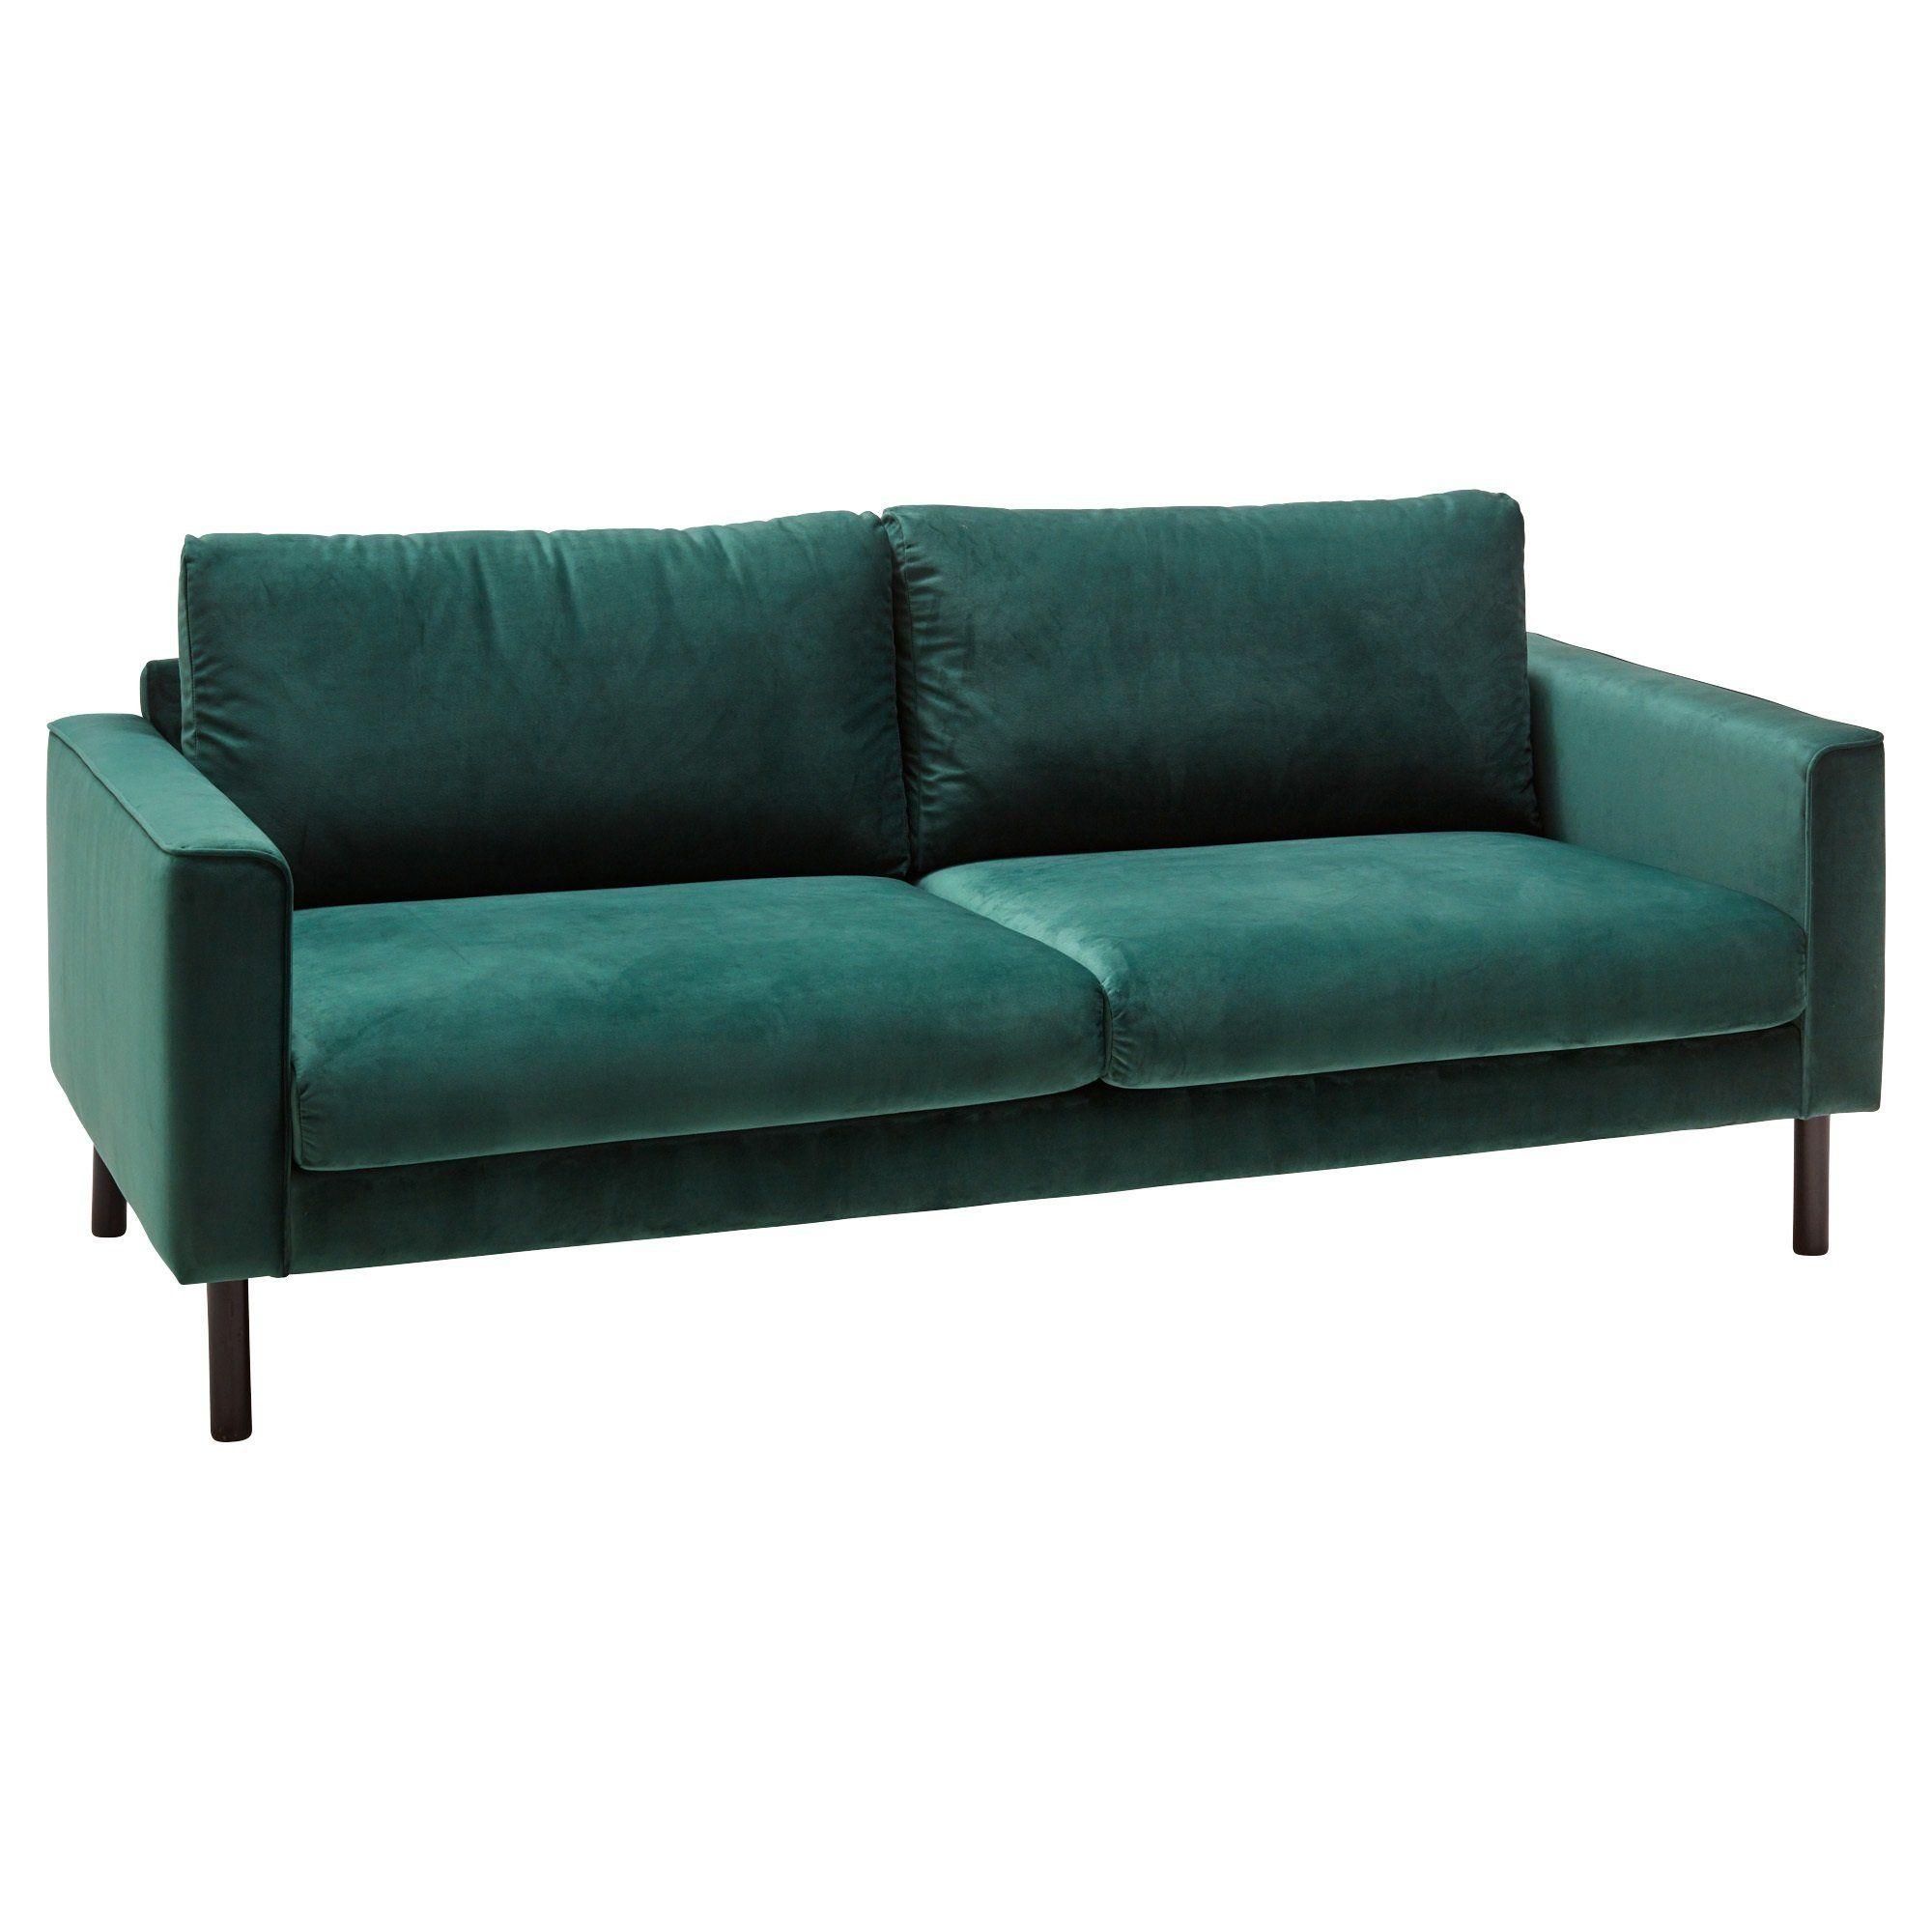 Sofa Bed Kwantum.Bank Visby Velours Groen Kopen Bestel Online Of Kom Naar Een Van